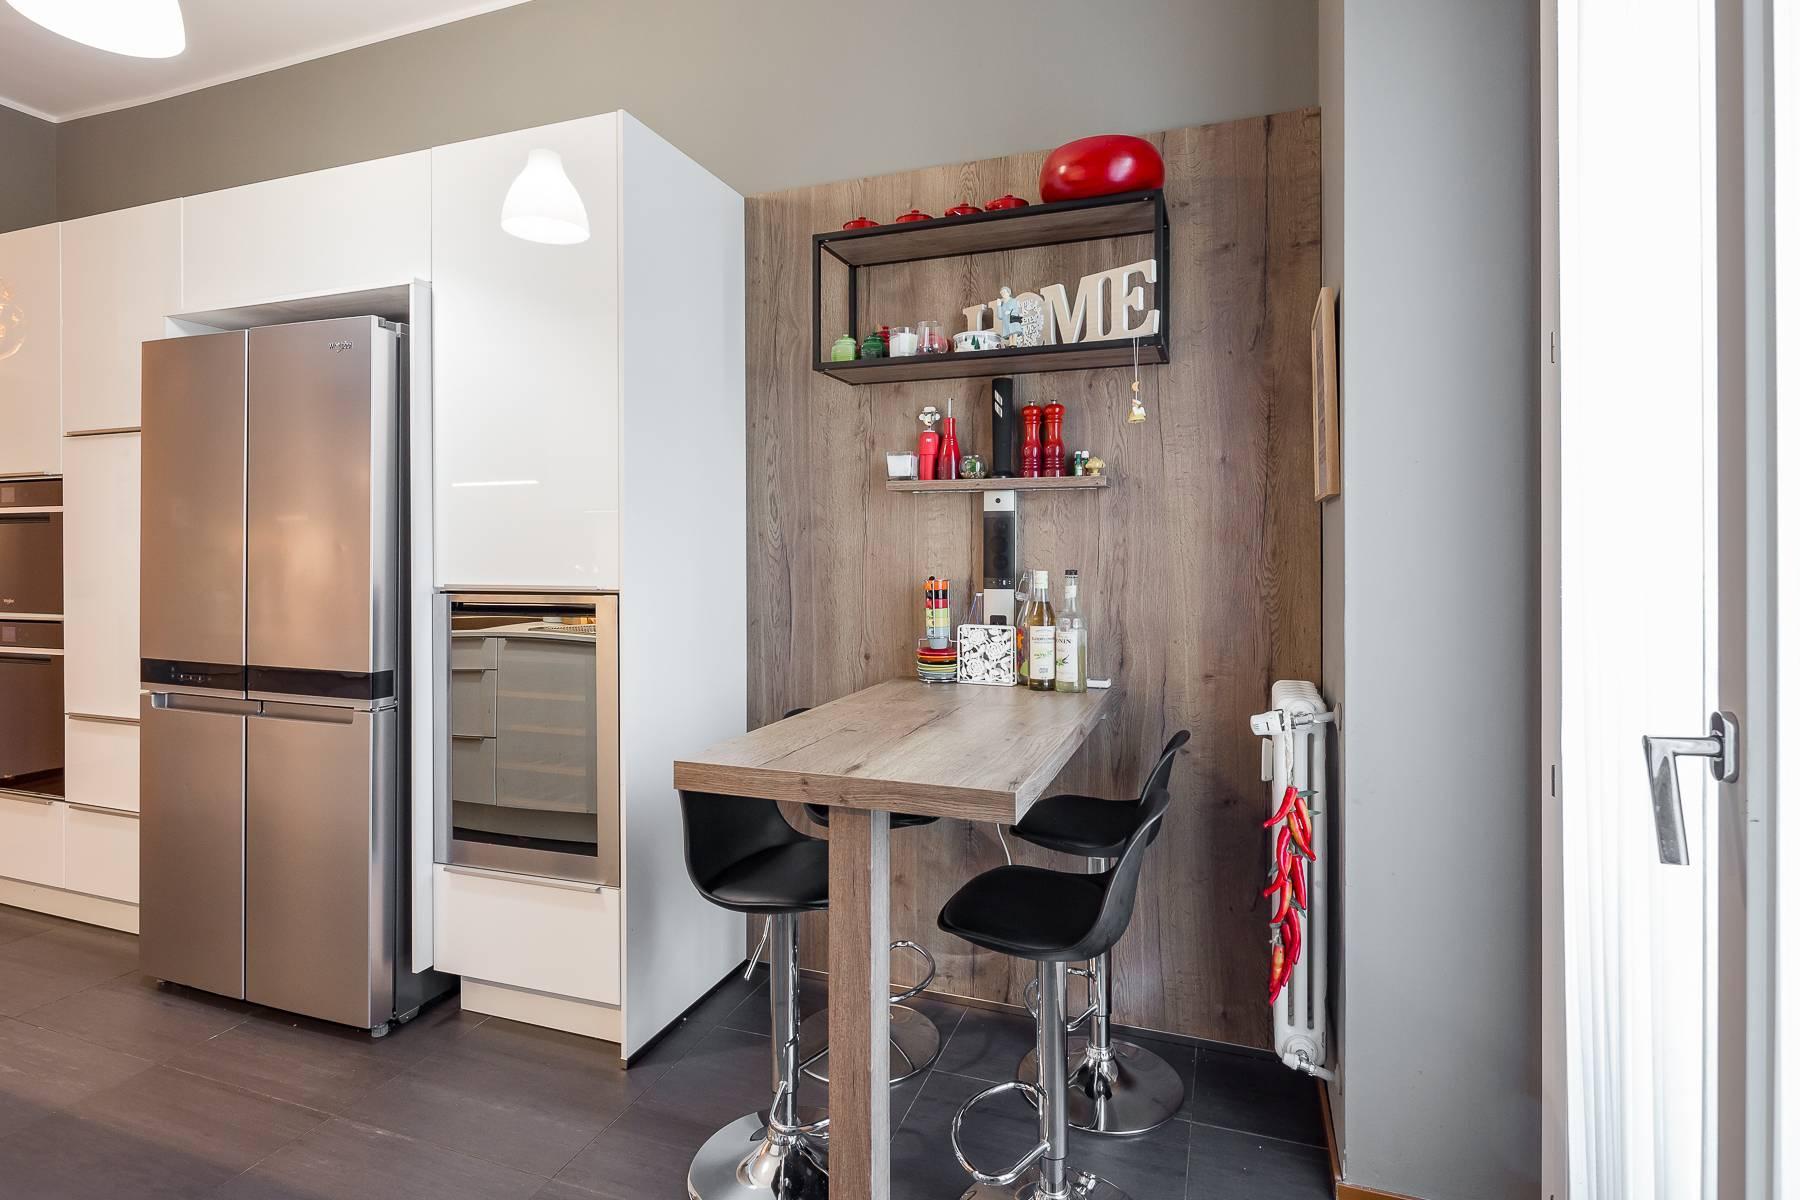 Renovierte Wohnung im Stadtviertel Ticinese/Darsena - 9